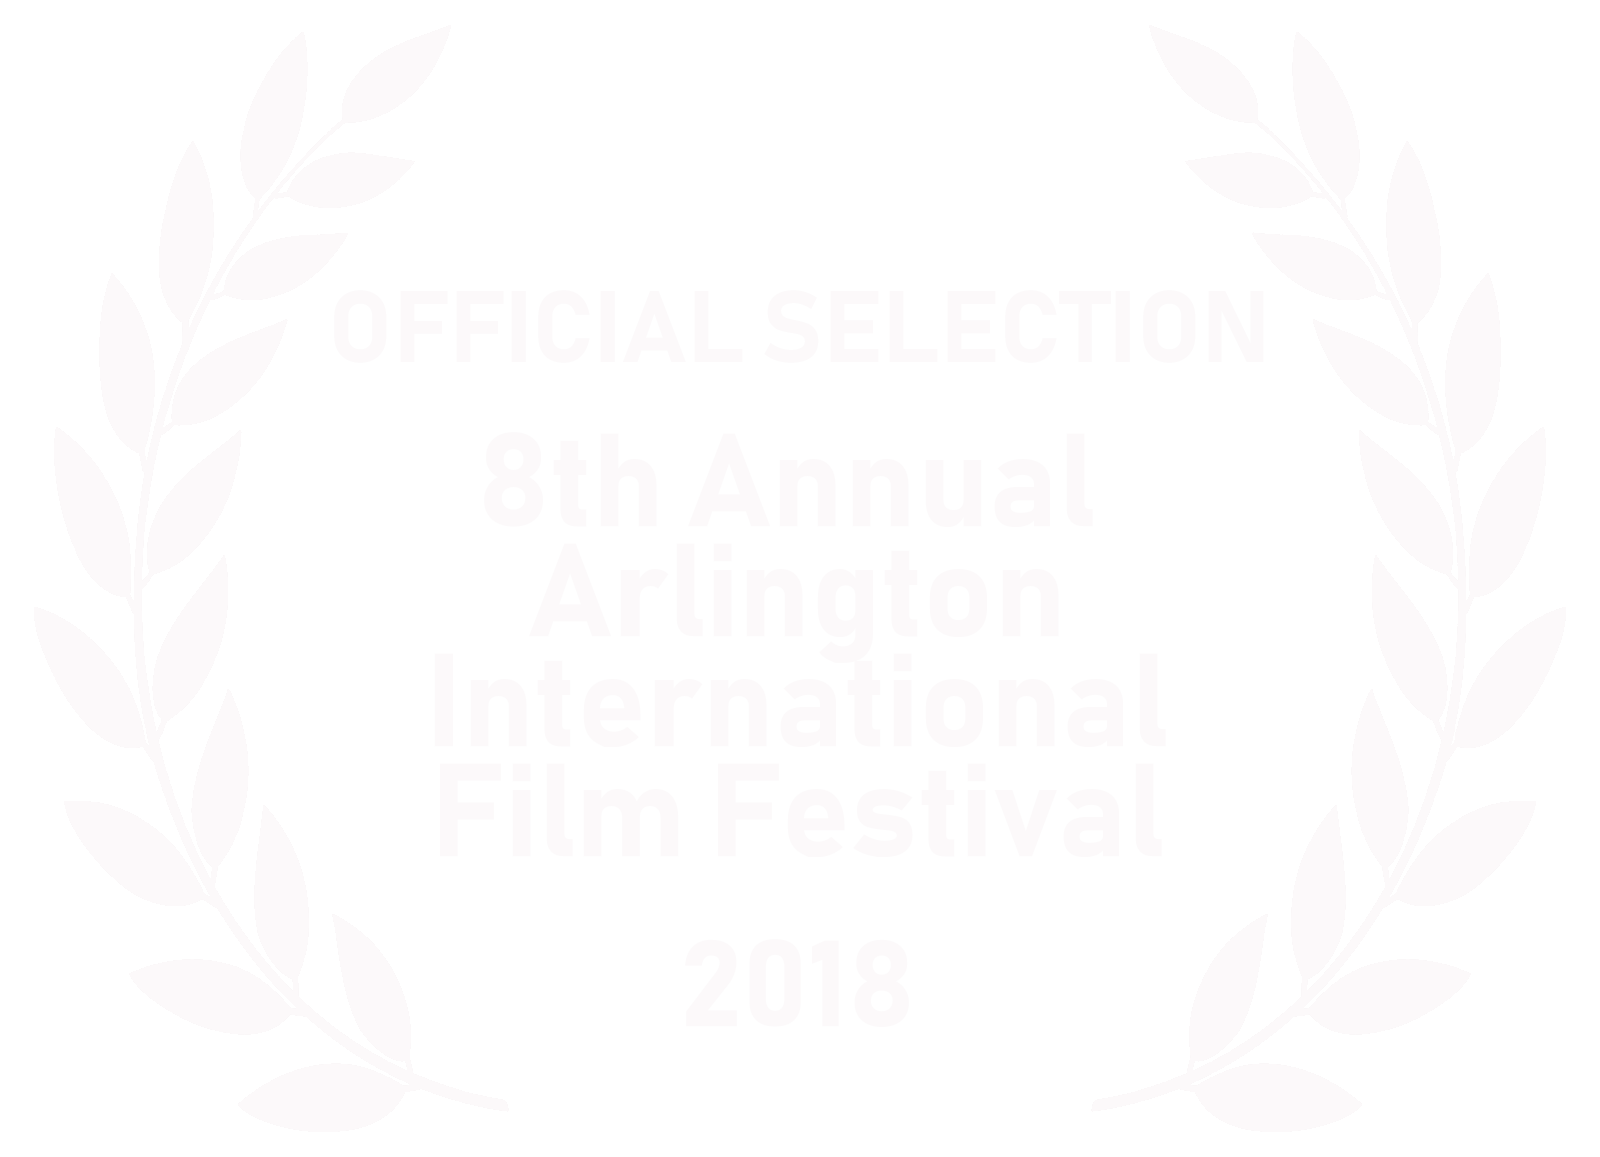 Arlington International Film Festival (Nov 2018) -